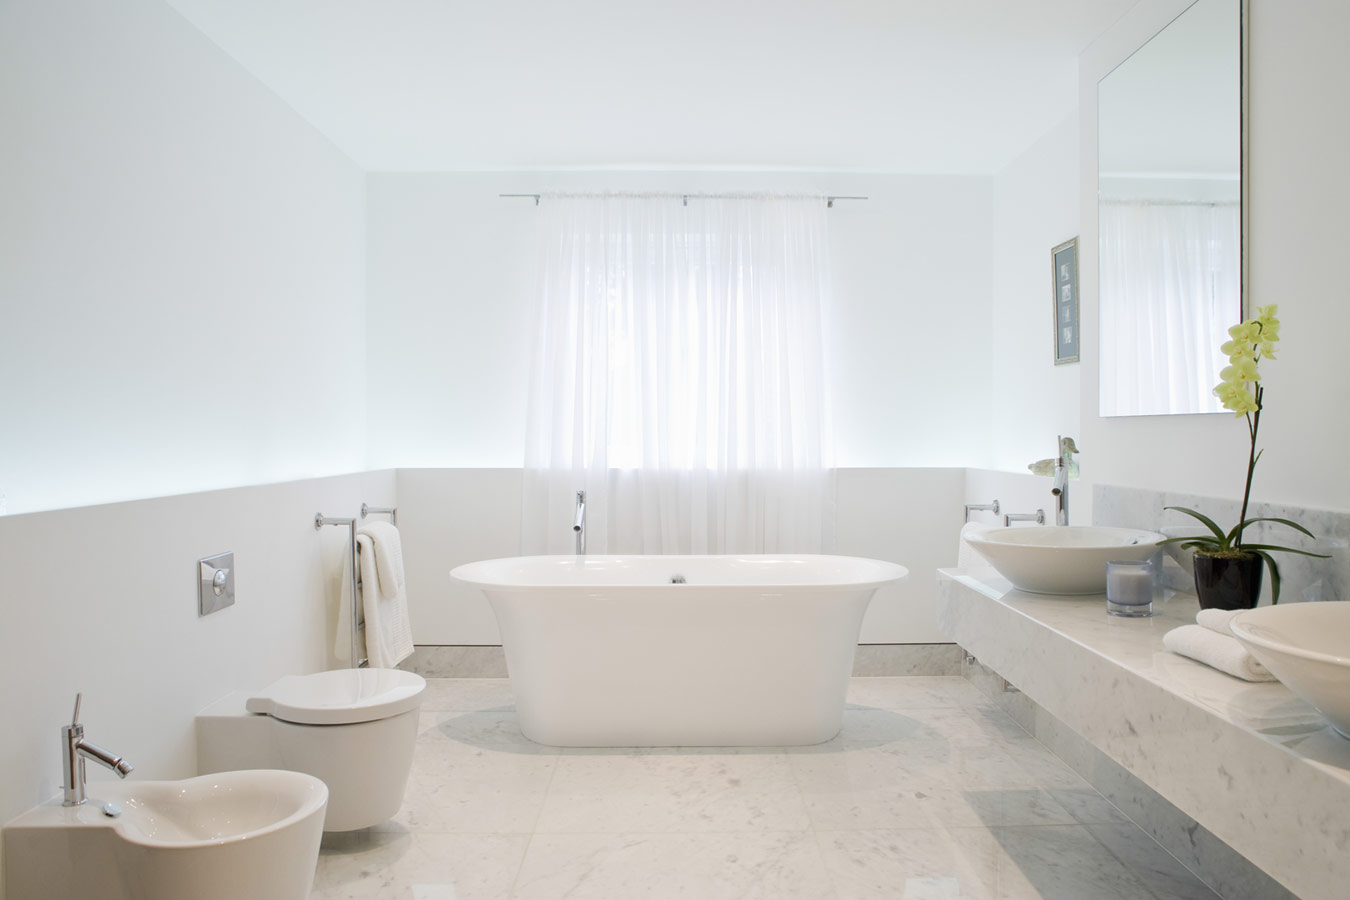 Moderne badkamers inspiratie foto 39 s en tips - Een mooie badkamer ...